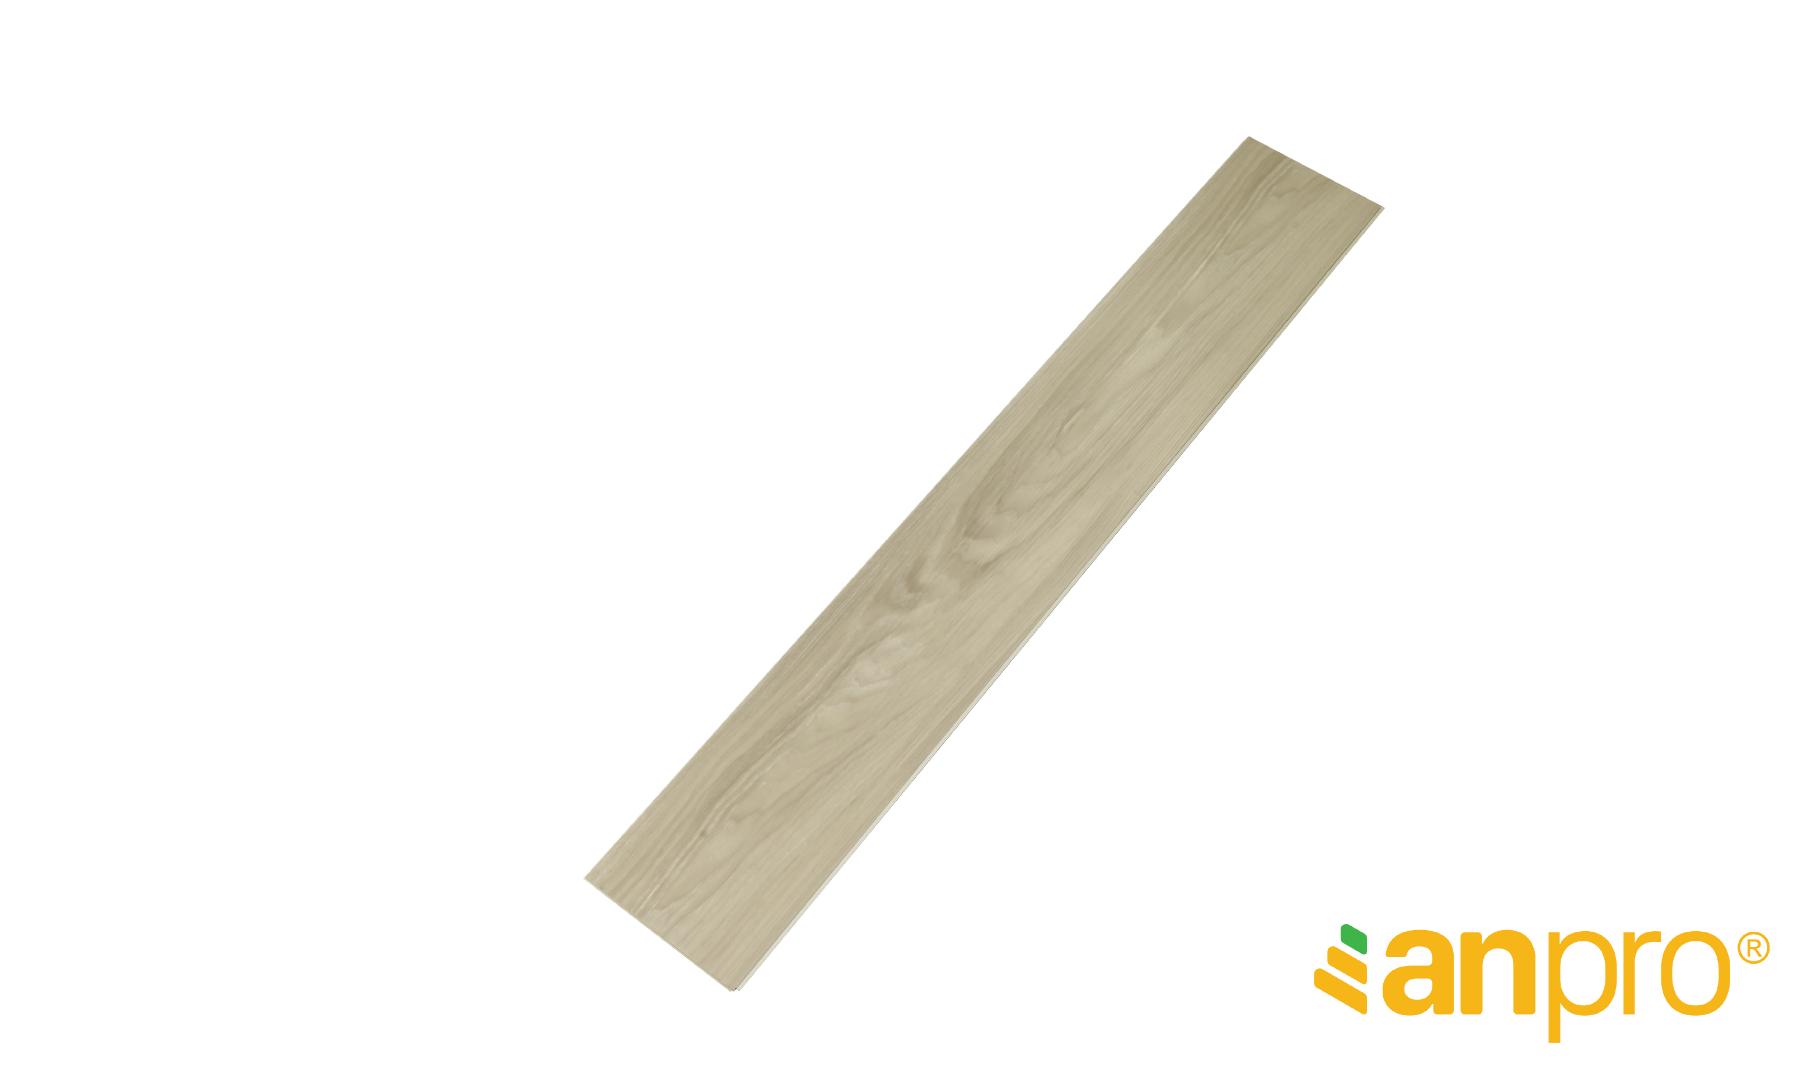 SA73 01 - Sàn AnPro vân gỗ SA73